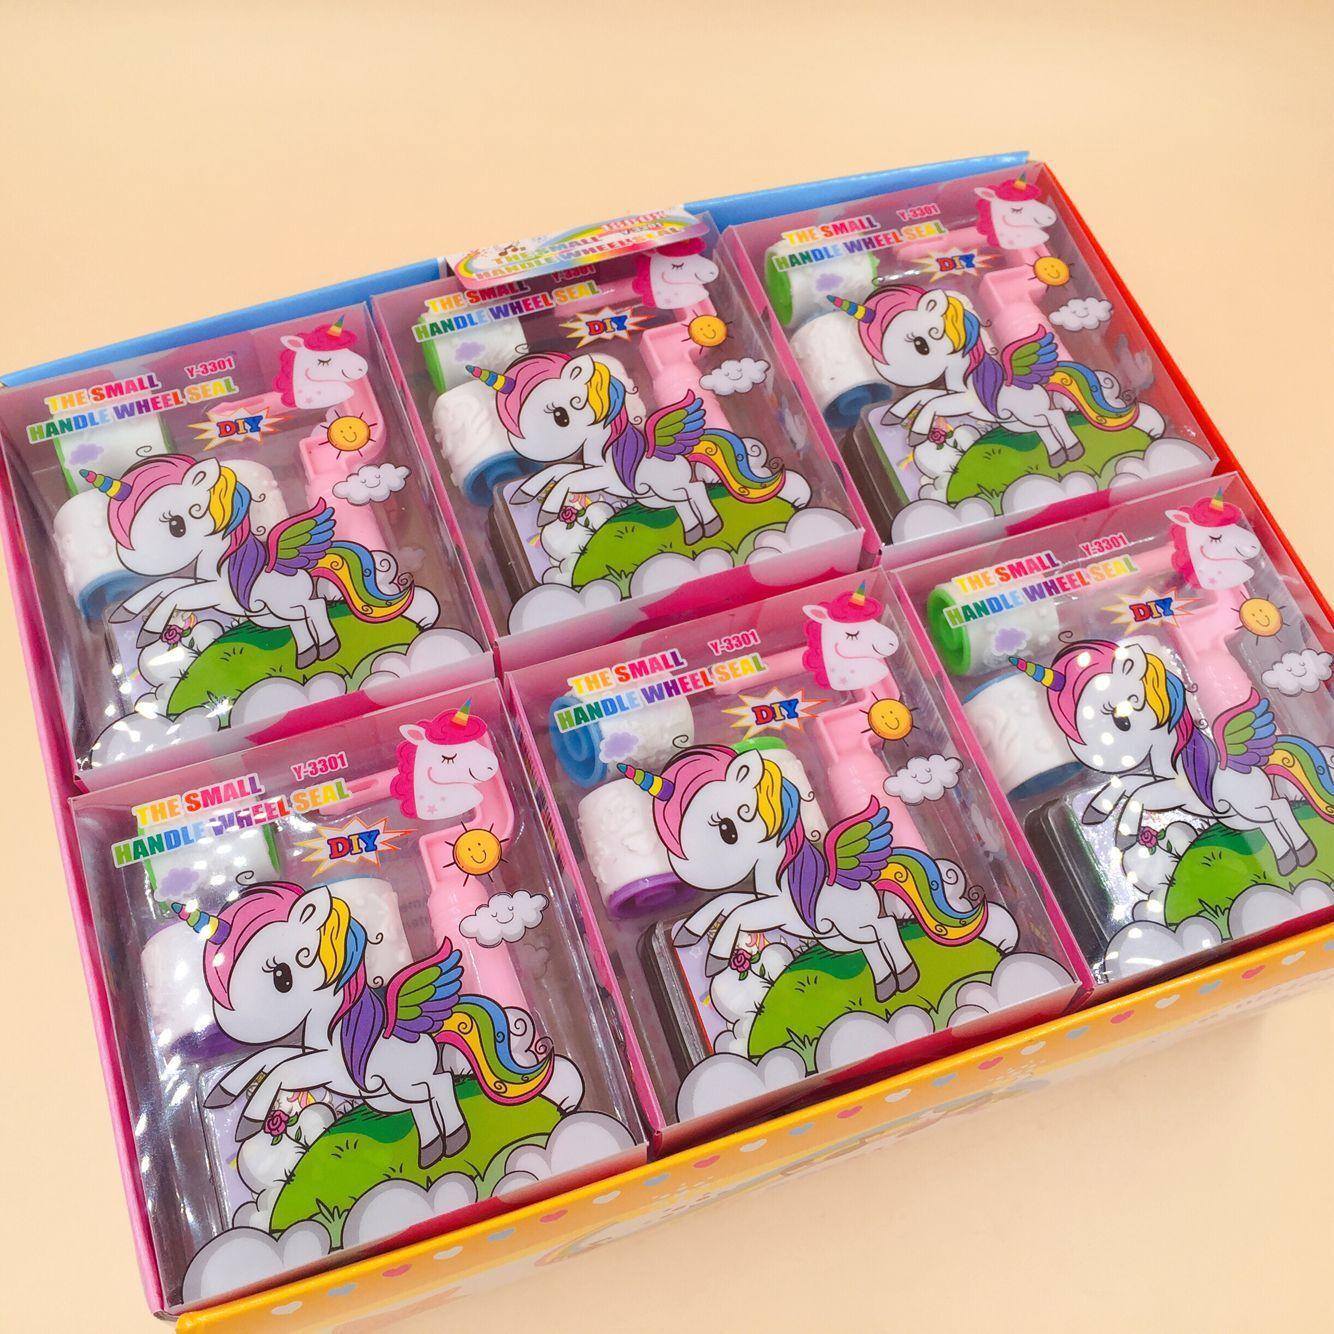 Creativos dibujos animados unicornio rollo de sellos DIY sellos y Inkpad sello diario colección scrapbook papelería suministros.